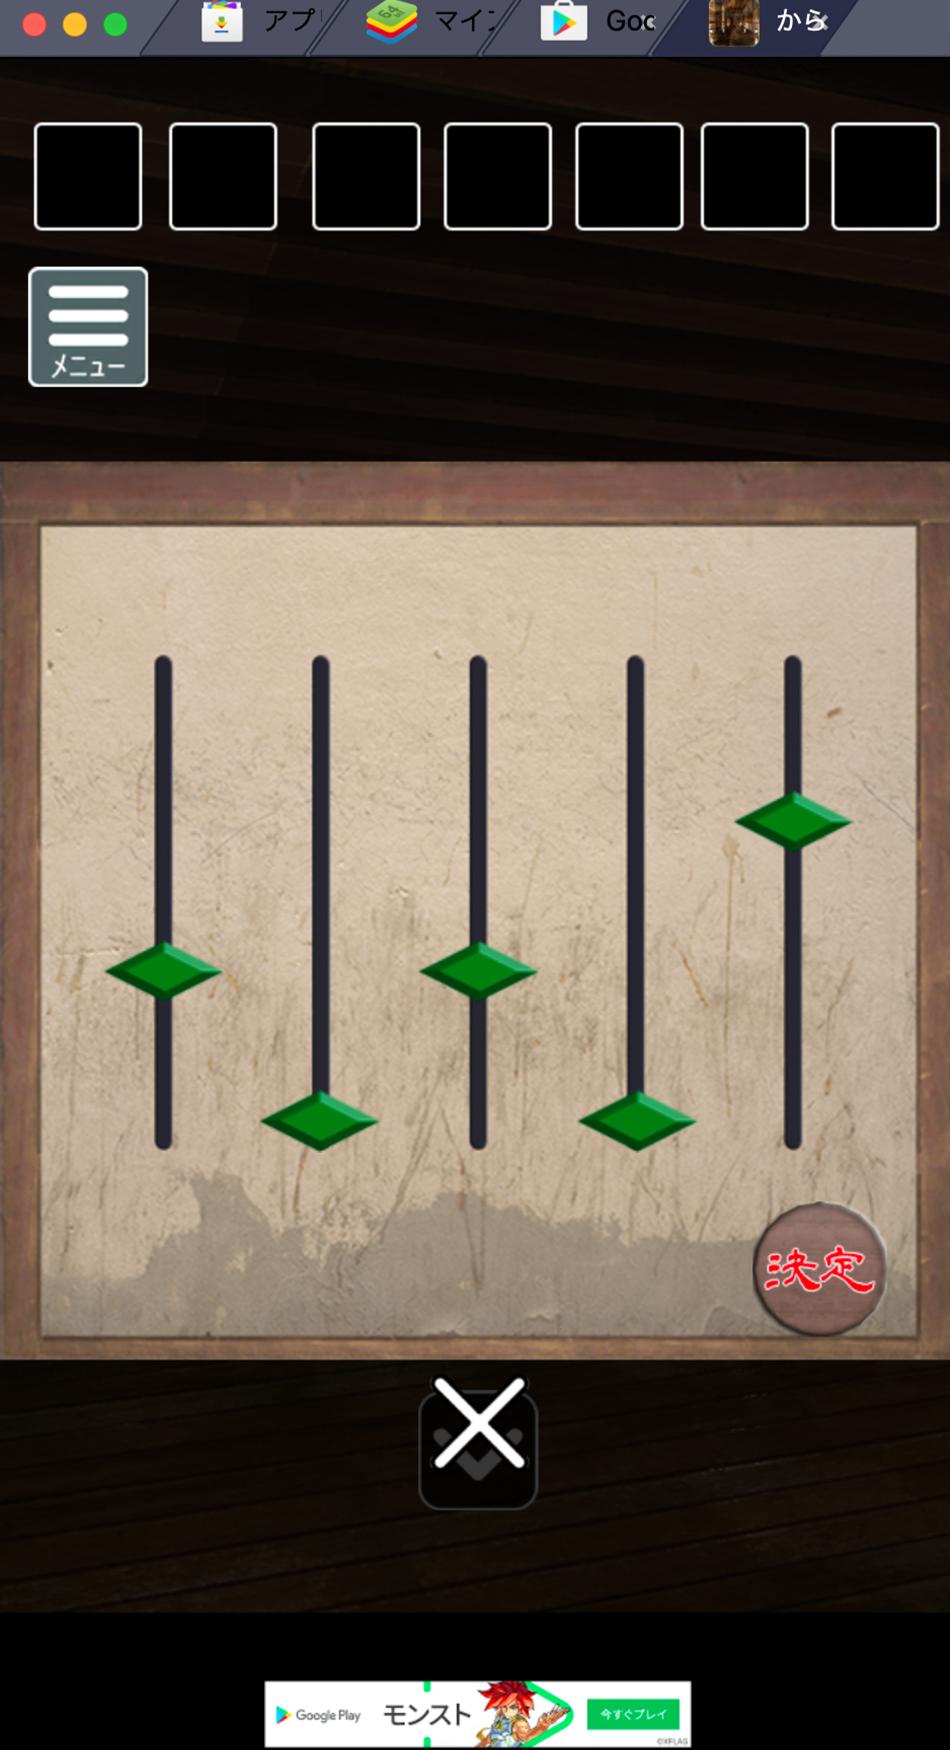 BlueStacksを使ってPCで『脱出ゲーム からくり刑務所からの脱出』を遊ぼう